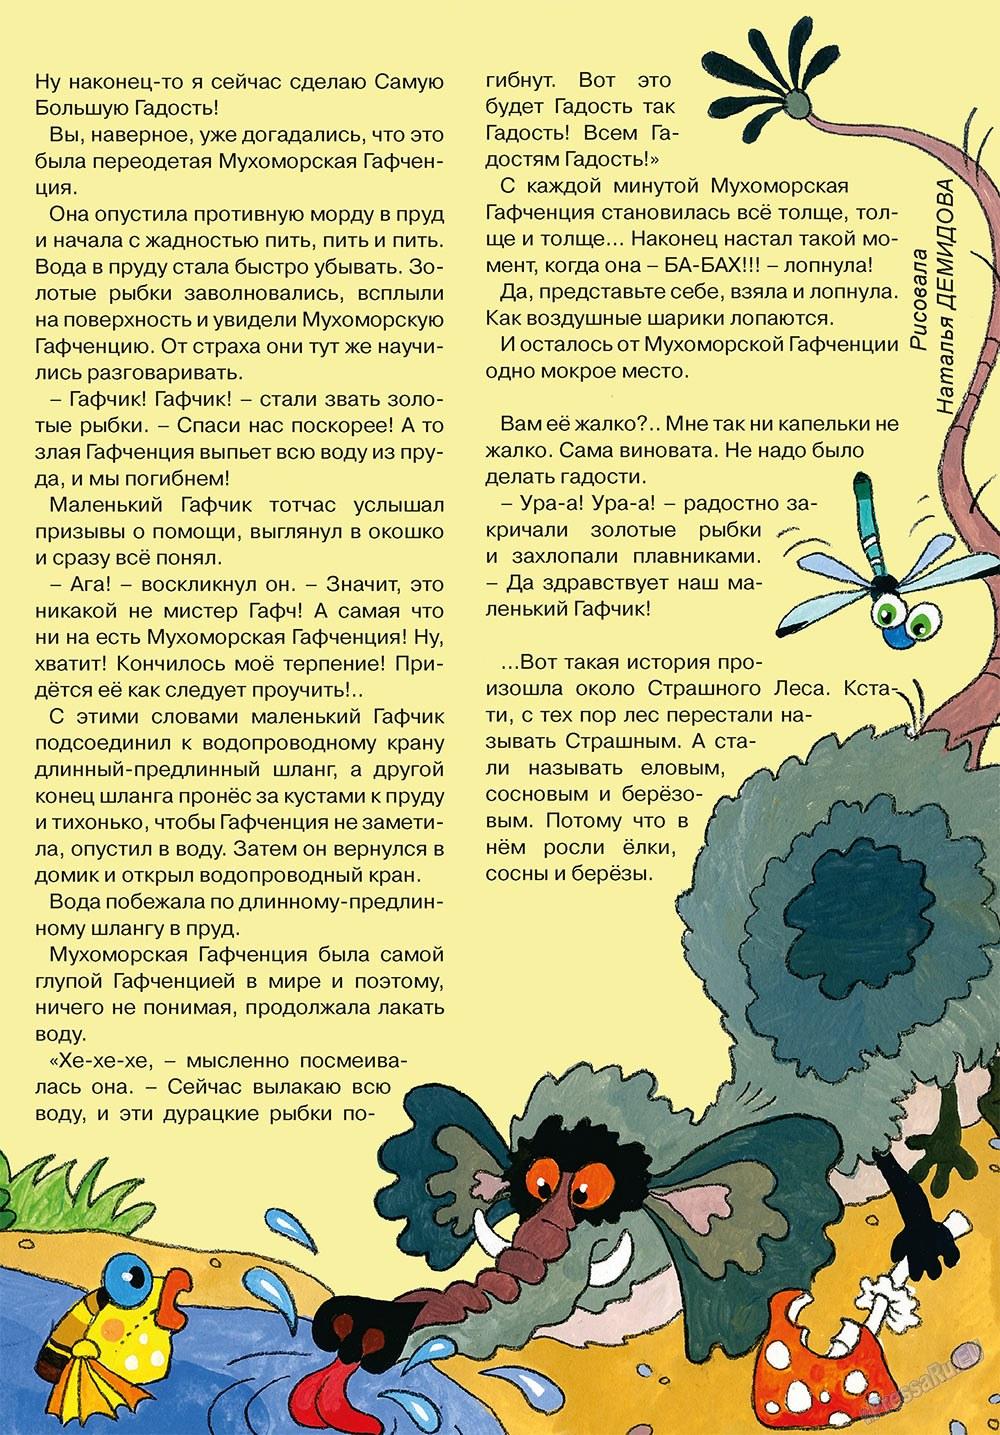 Остров там и тут (журнал). 2010 год, номер 3, стр. 19